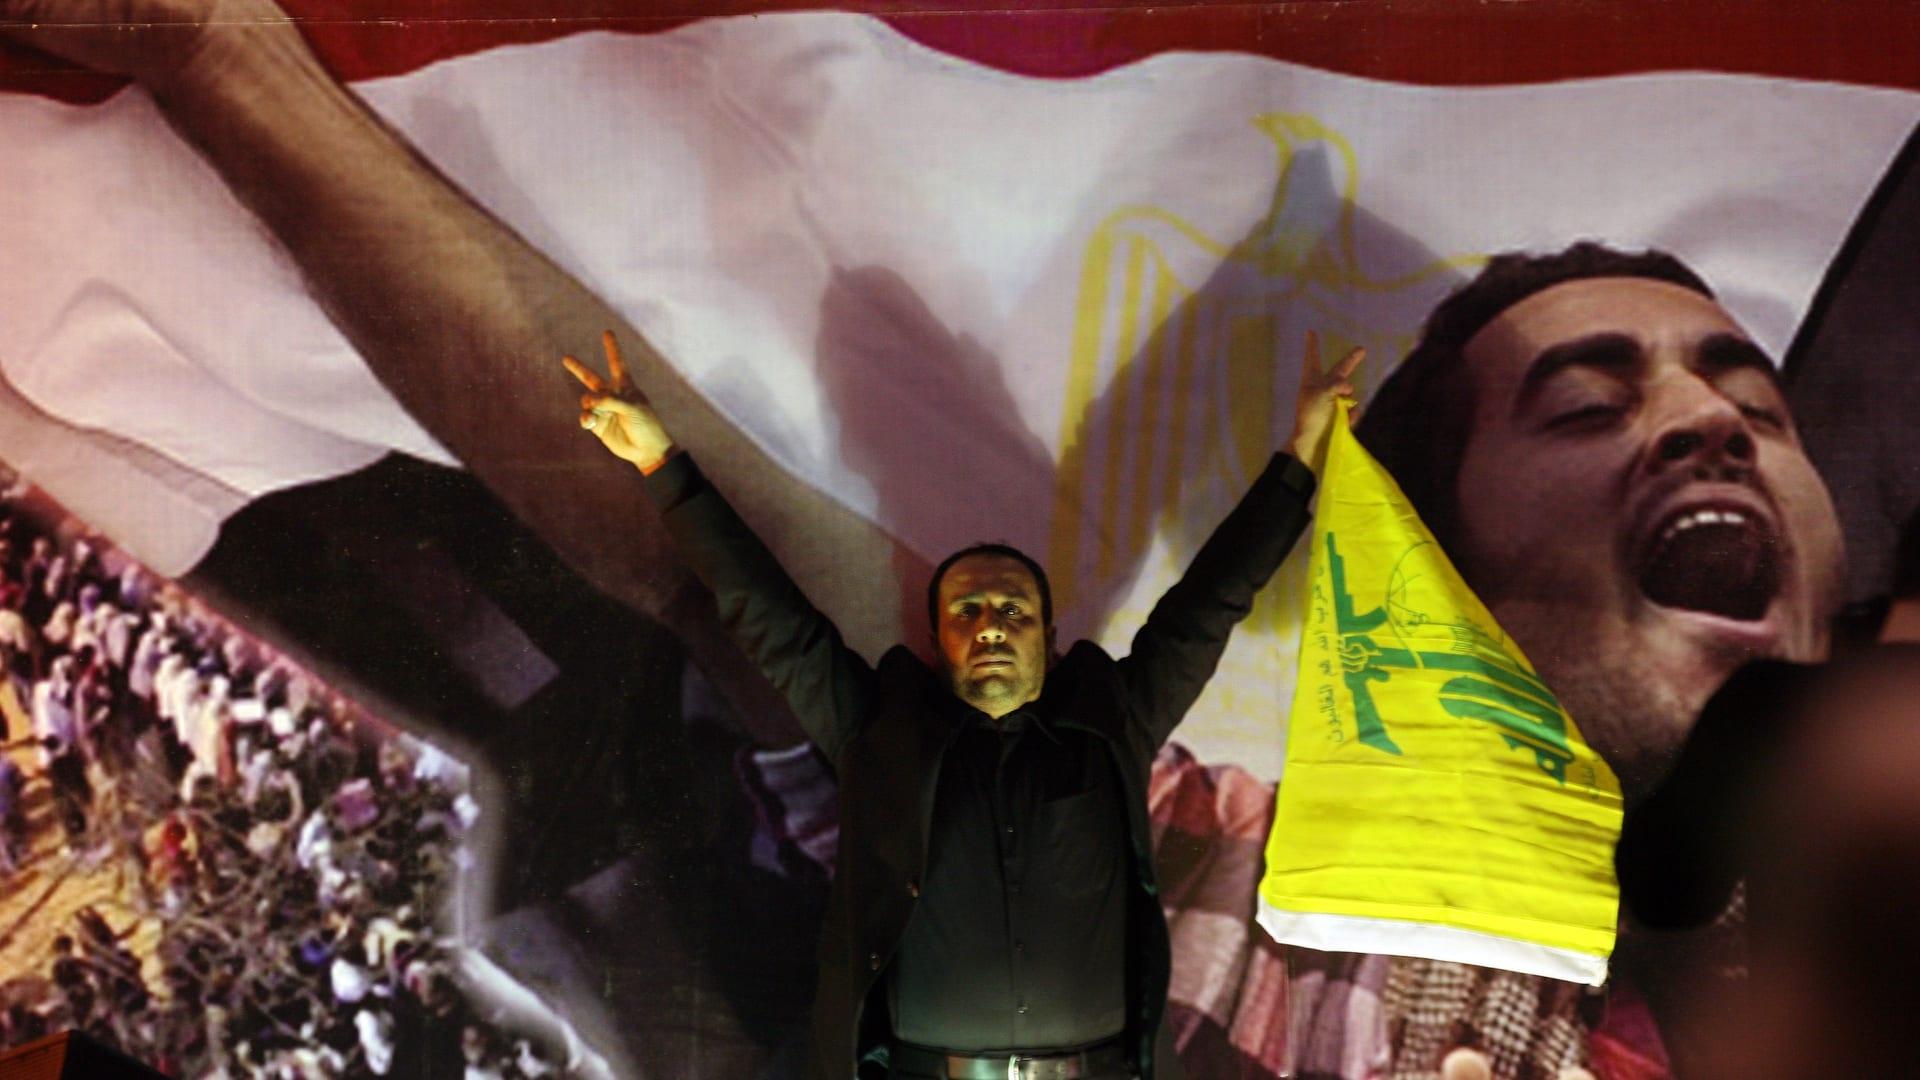 """جدل حول زيارة حزب الله للقاهرة تحت شعار """"التعزية بهيكل"""".. وشيخ الأزهر من جاكارتا: السنة والشيعة إخوان"""